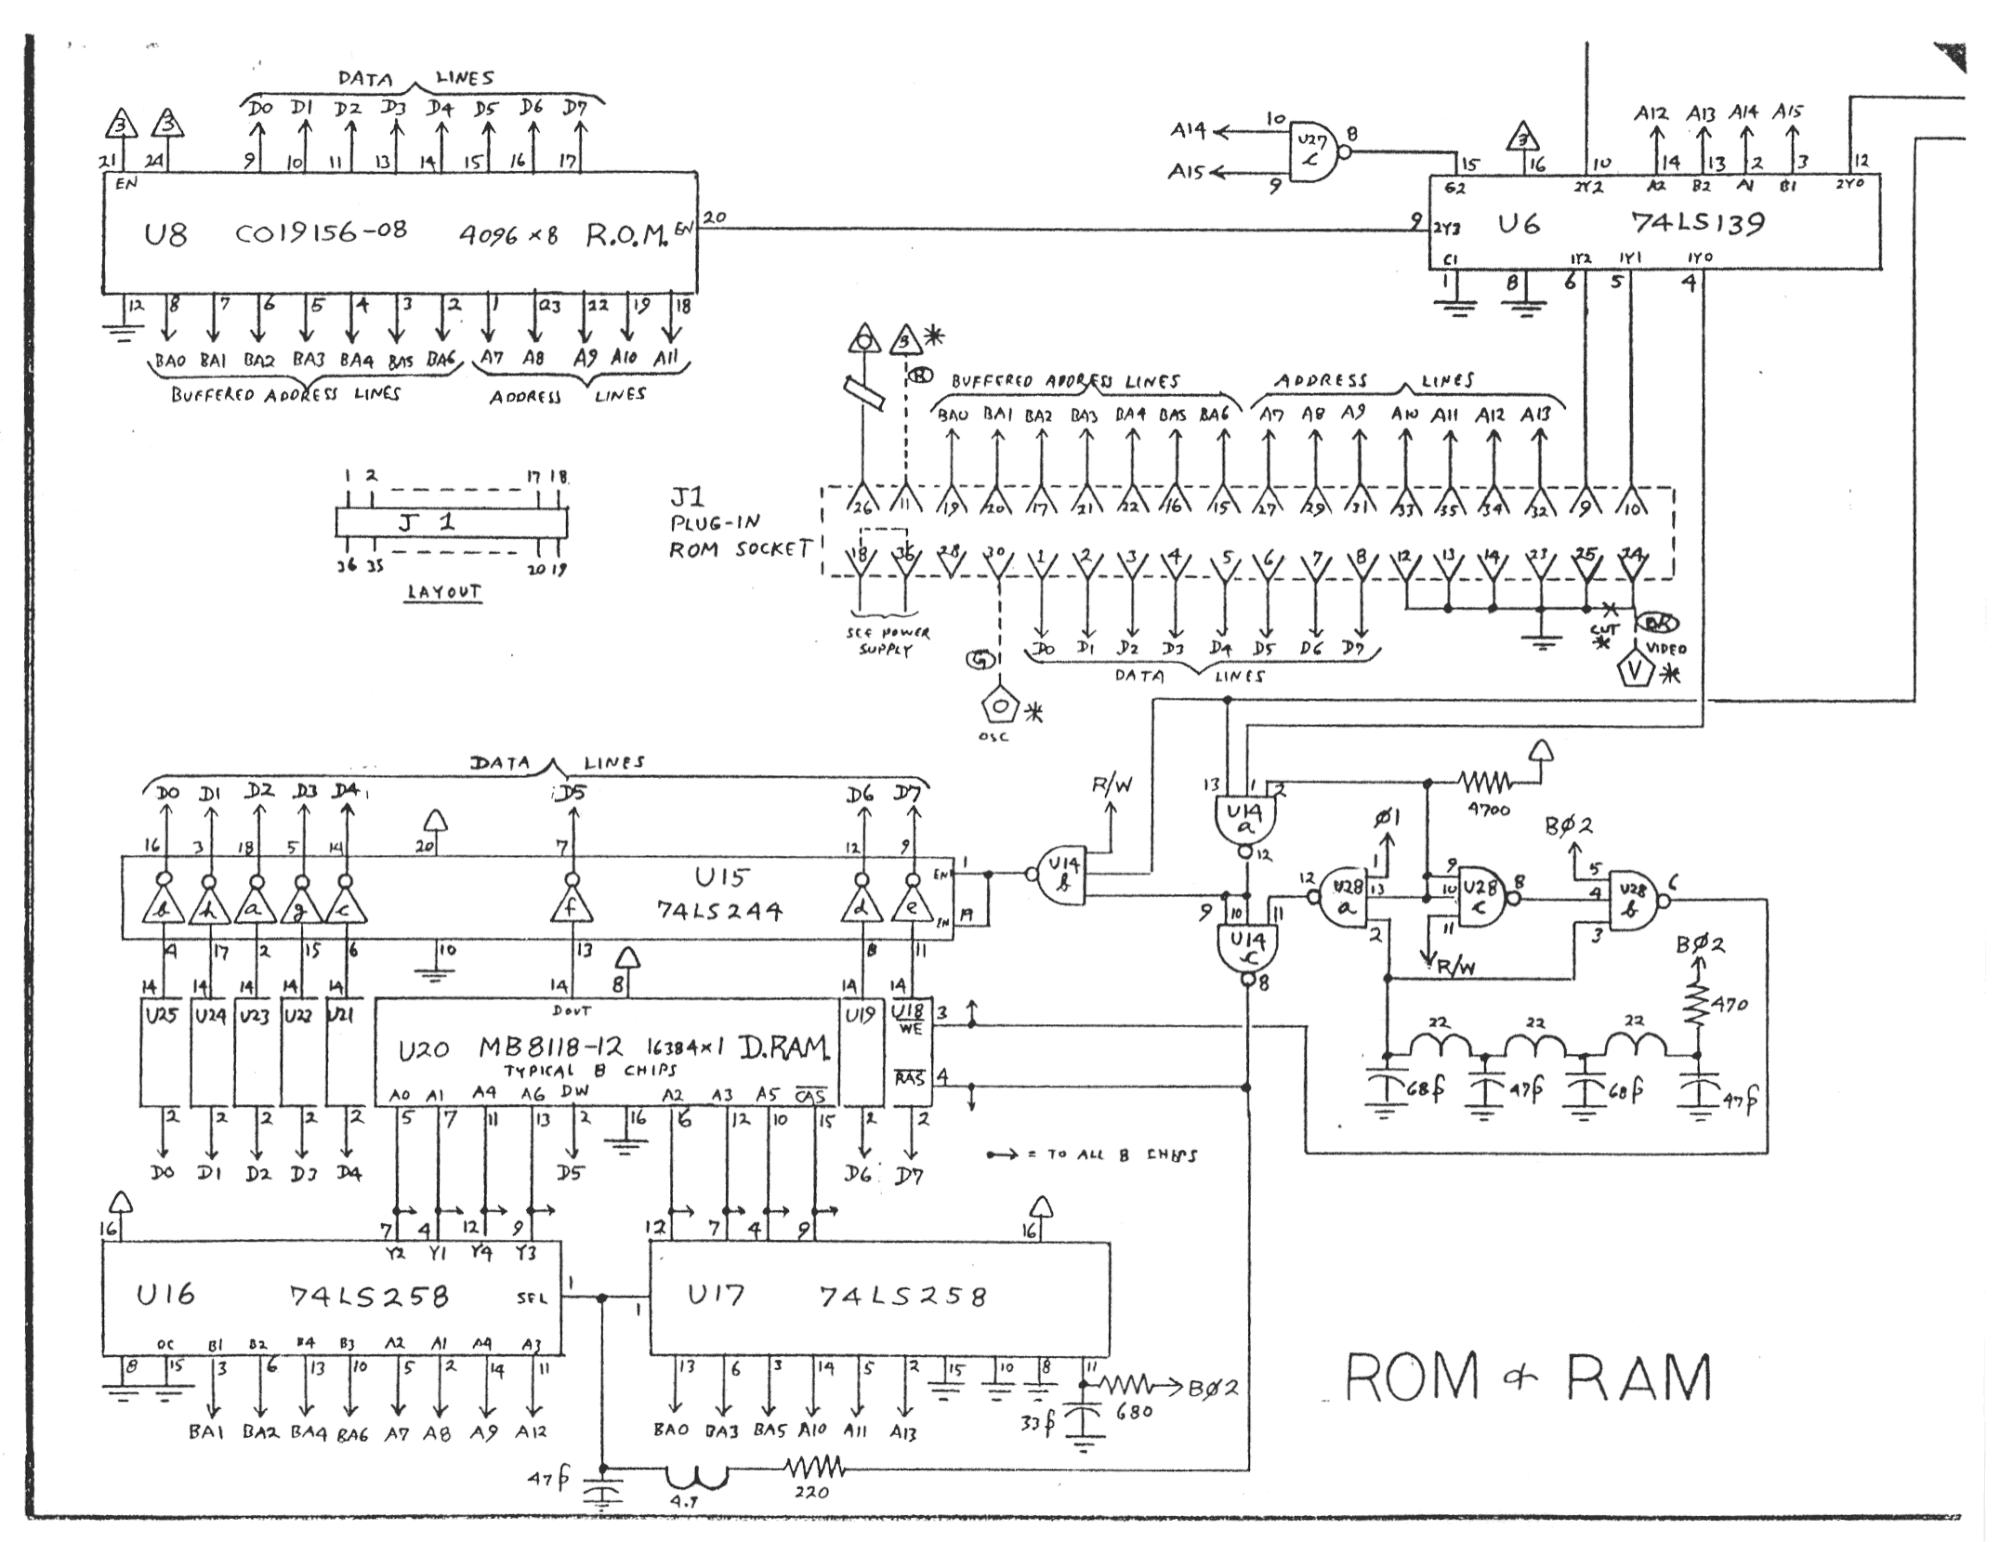 Atari 5200 ROM/RAM schematic